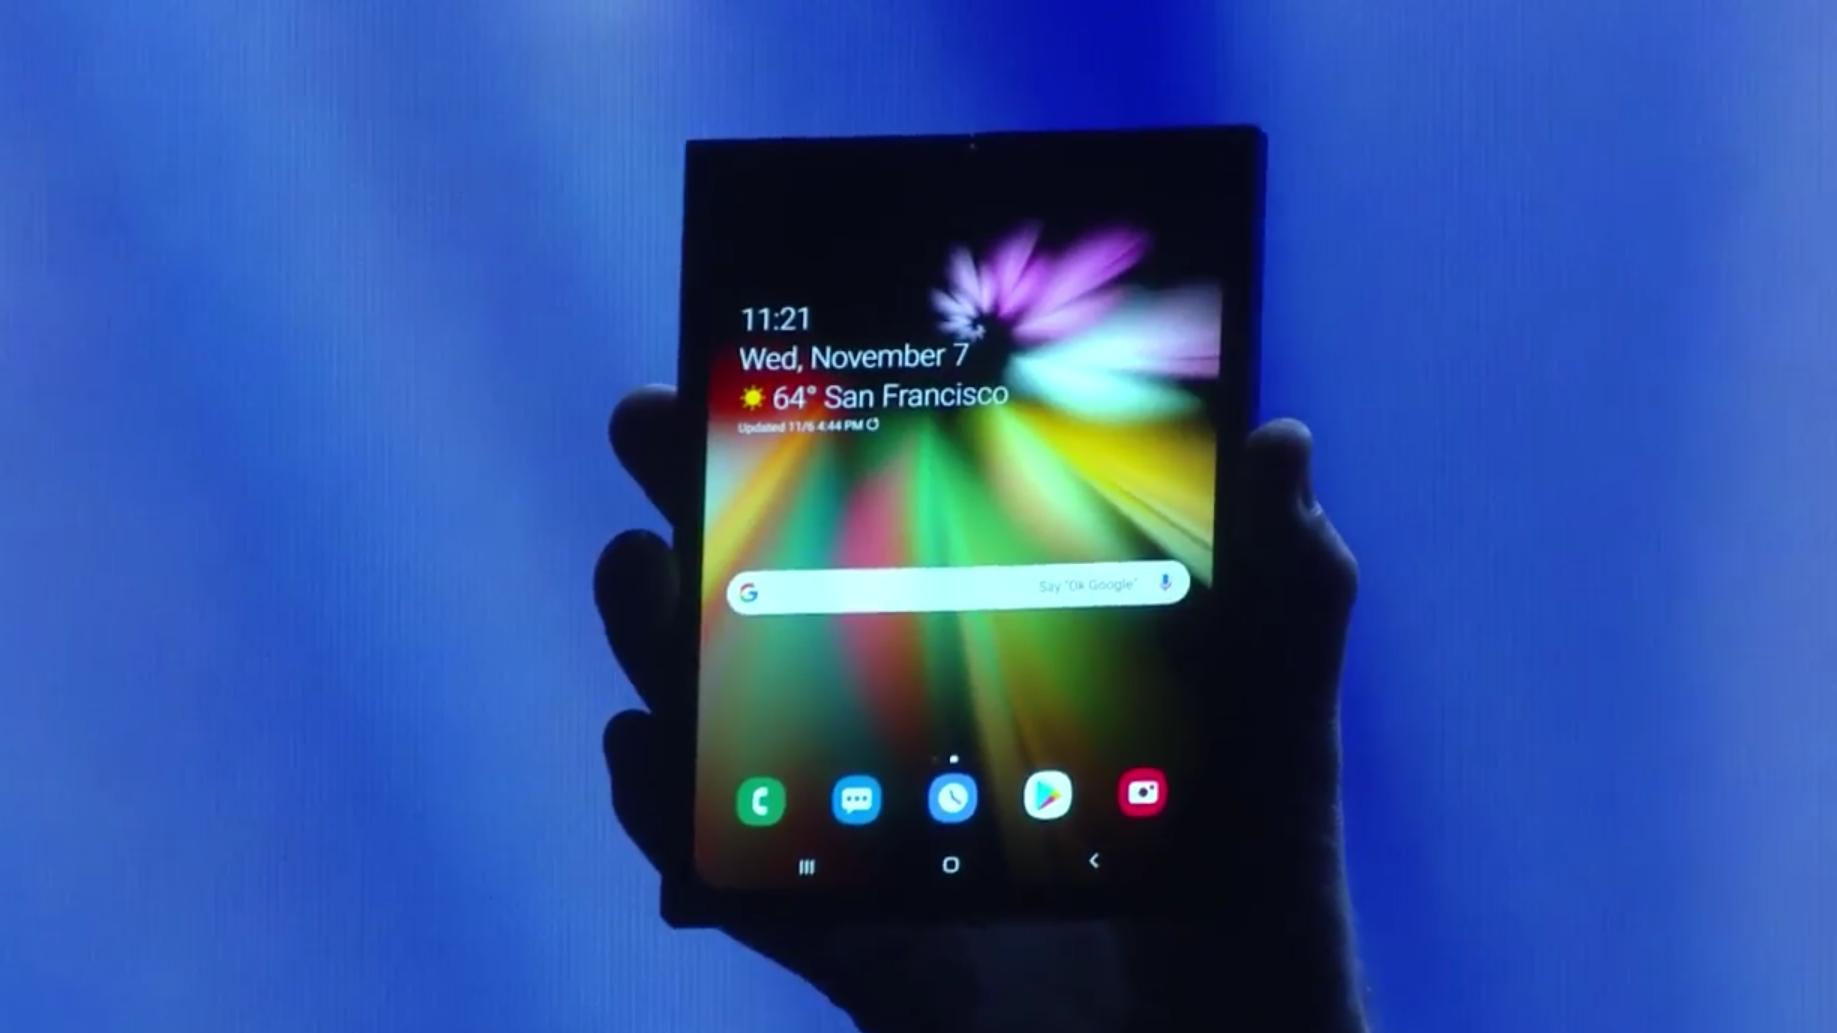 Ерата на сгъваемите телефони вече е тук. Samsung разкри новия си, сгъваем смартфон вчера. Добрата новина е, че Samsung хич не е единствена в това начинание – няколко други големи (и малки) имена вече са дали заявката си да се конкурират в този нов сегмент.